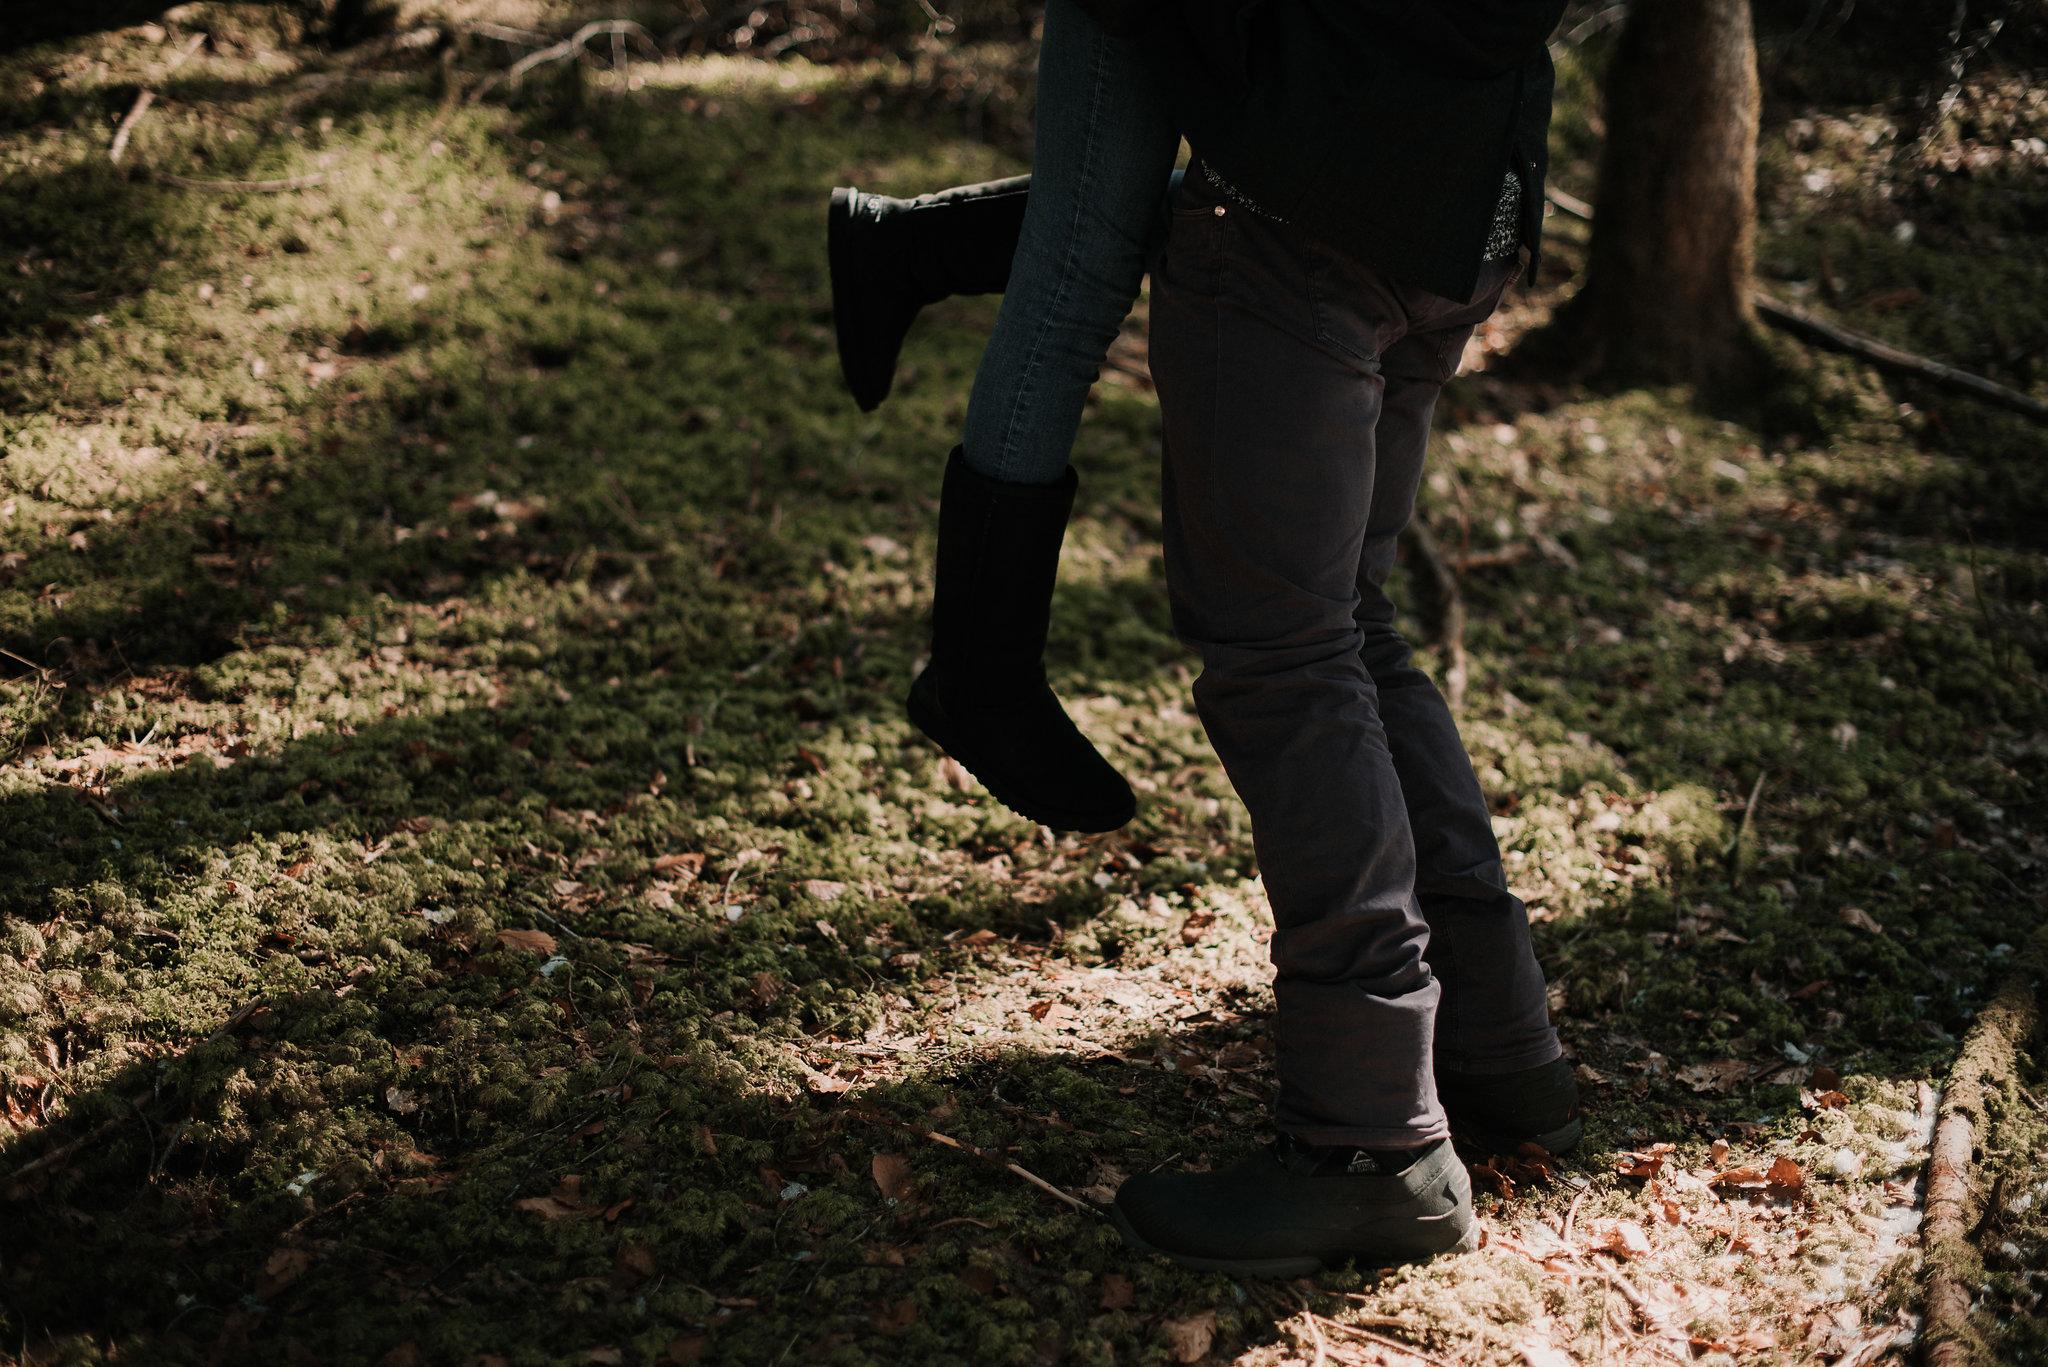 Léa-Fery-photographe-professionnel-lyon-rhone-alpes-portrait-creation-mariage-evenement-evenementiel-famille-4786.jpg